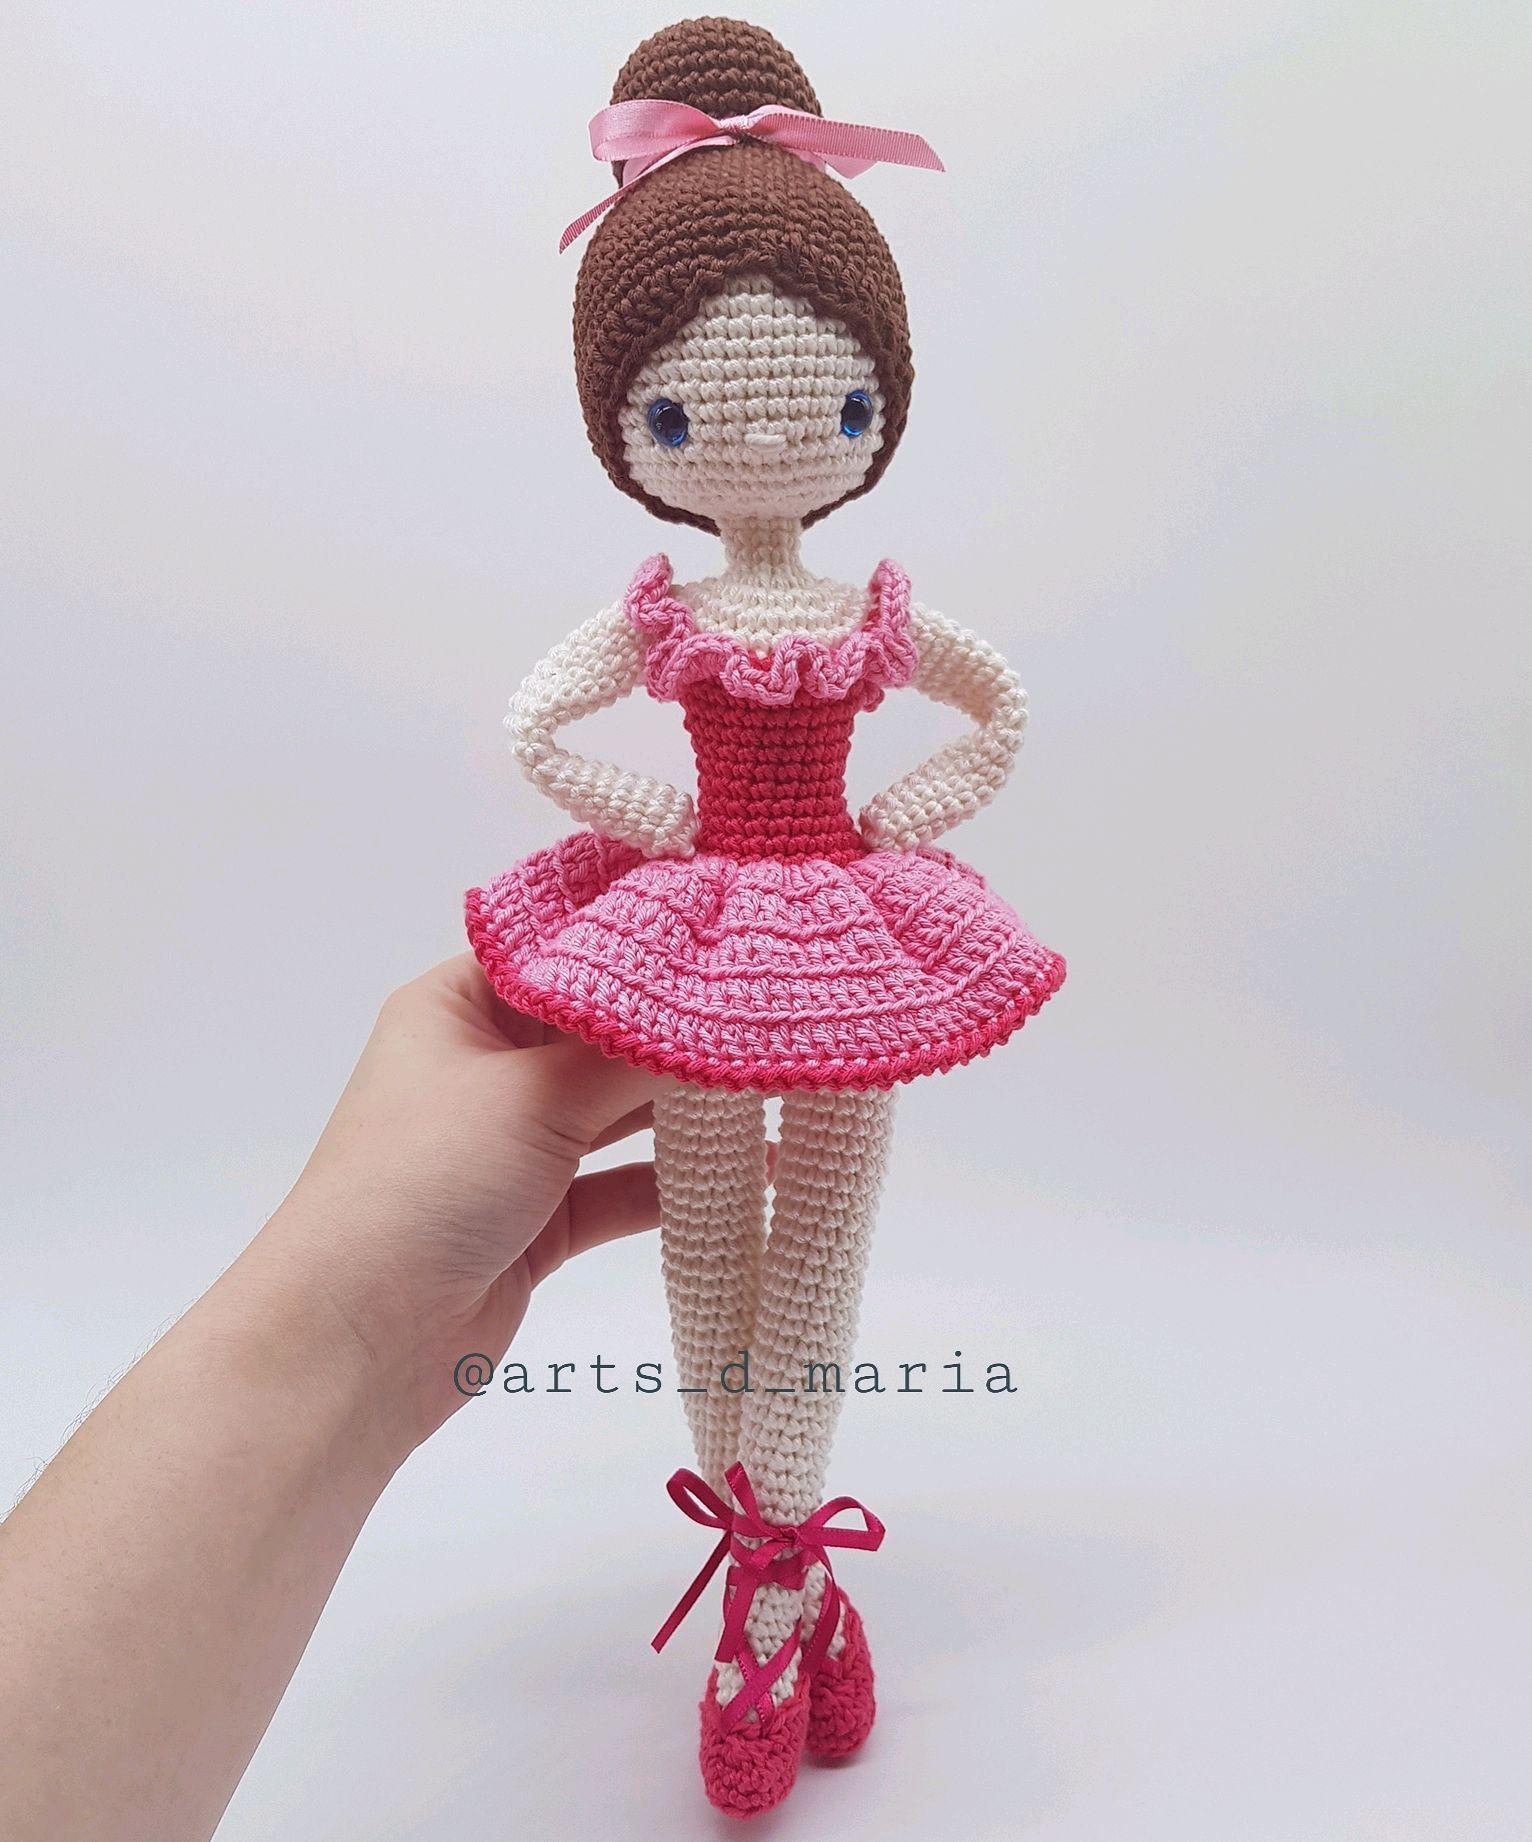 Boneca Bailarina - Amigurumi   Como fazer boneca, Bonecas, Boneca ...   1842x1532